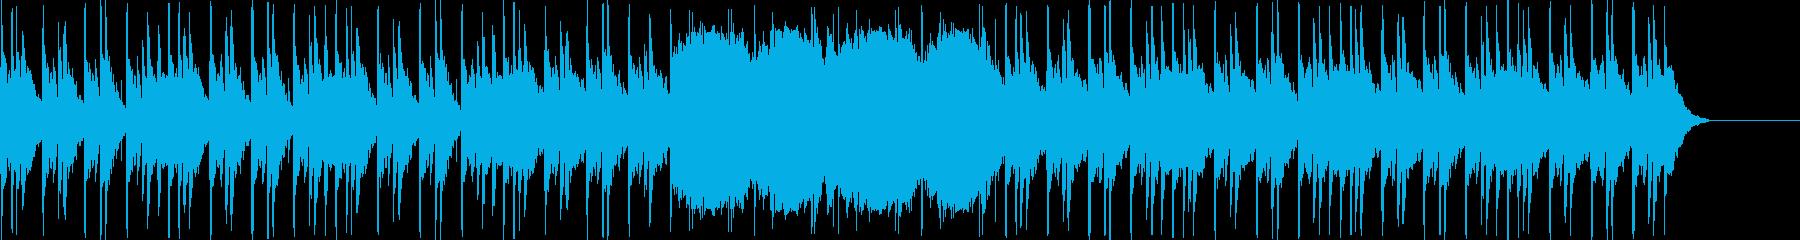 笛系/RPG/ゆったり/しっとりの再生済みの波形